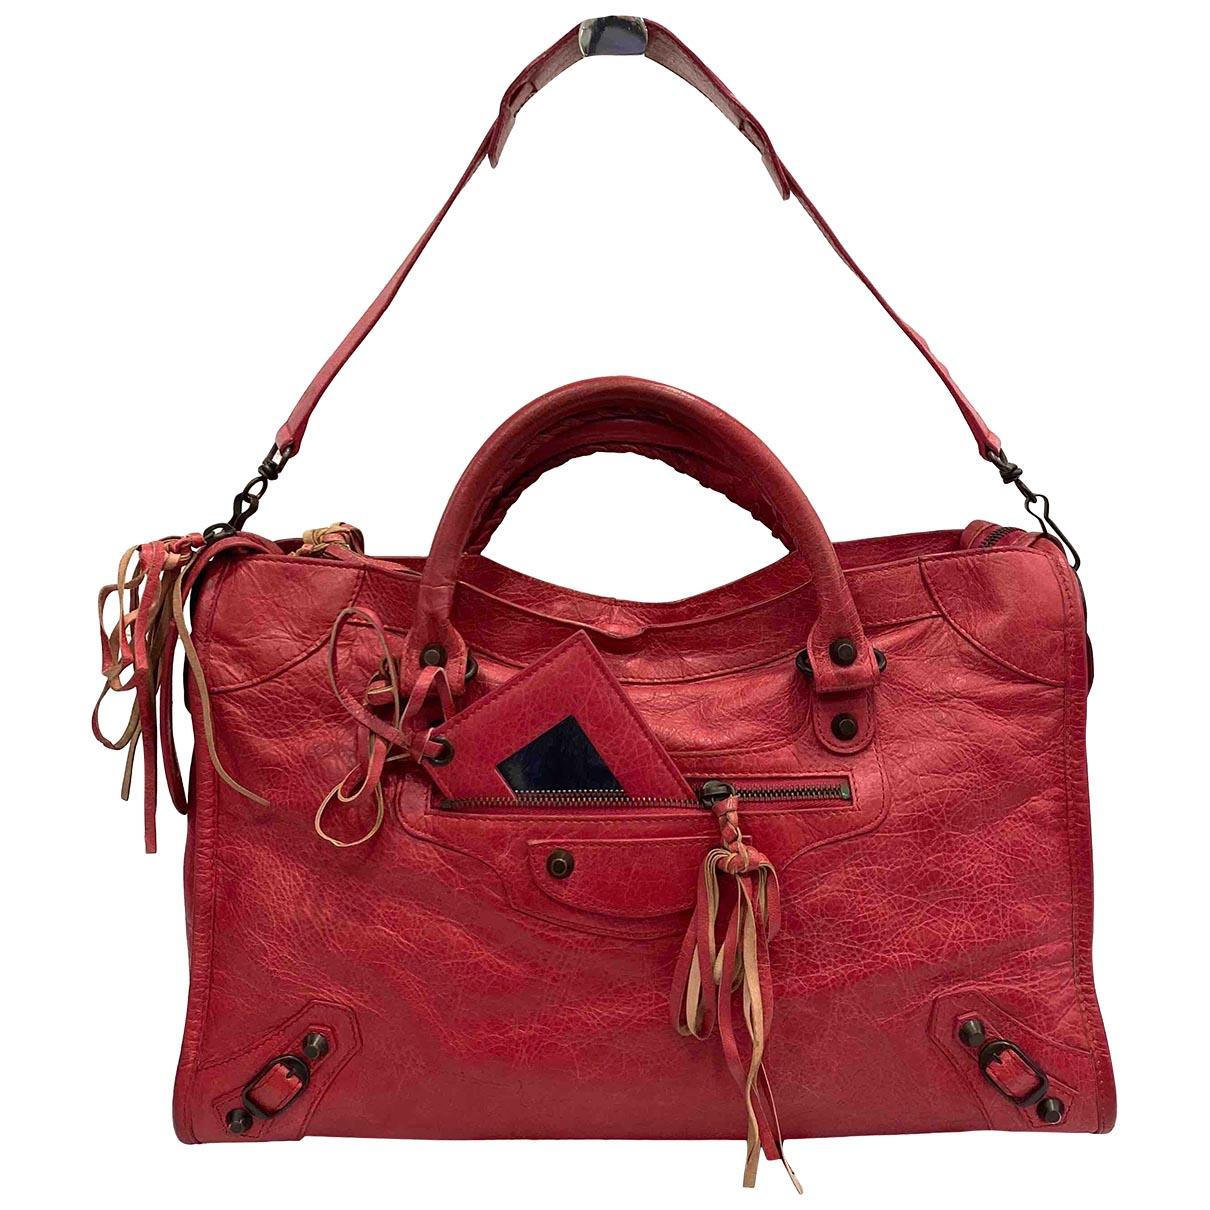 Balenciaga - Sac a main City pour femme en cuir - rouge